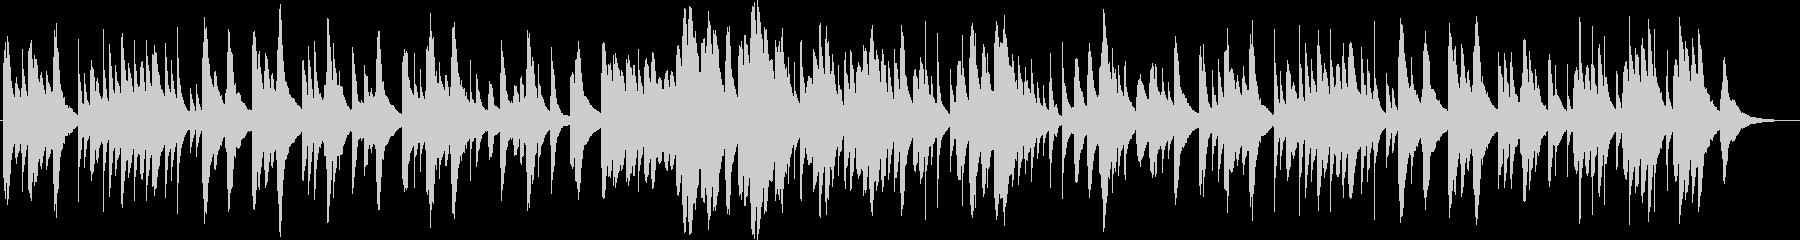 ほのぼのした雰囲気なオルゴール曲の未再生の波形